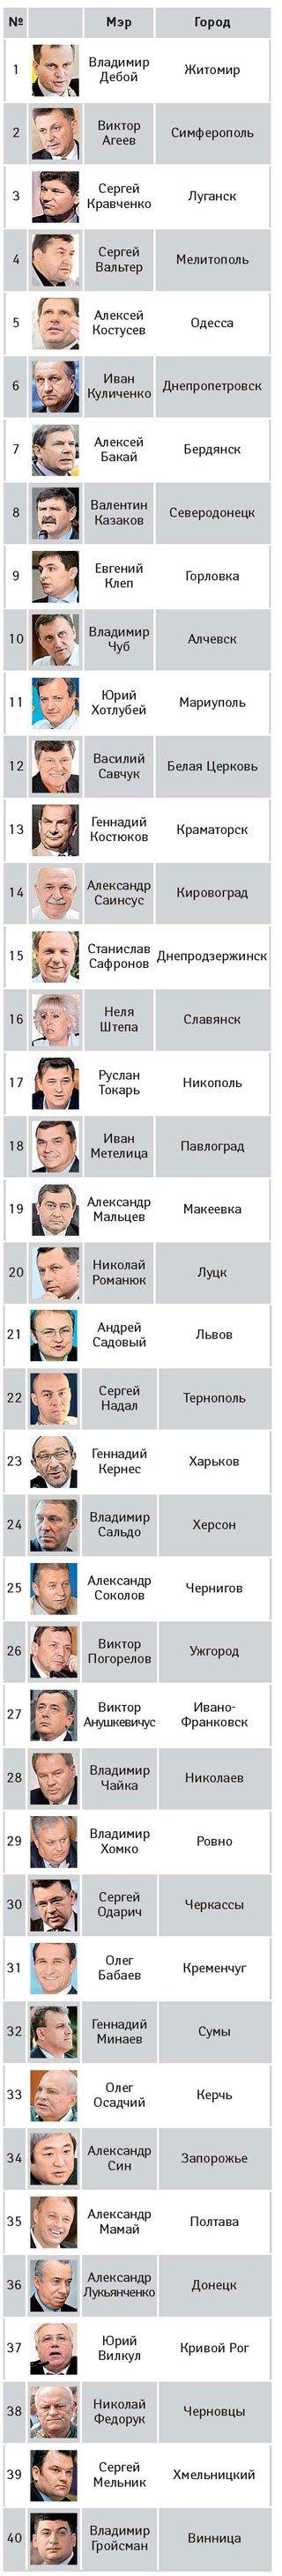 Евгений Клеп попал в первую десятку рейтинга зависимых украинских мэров, фото-1